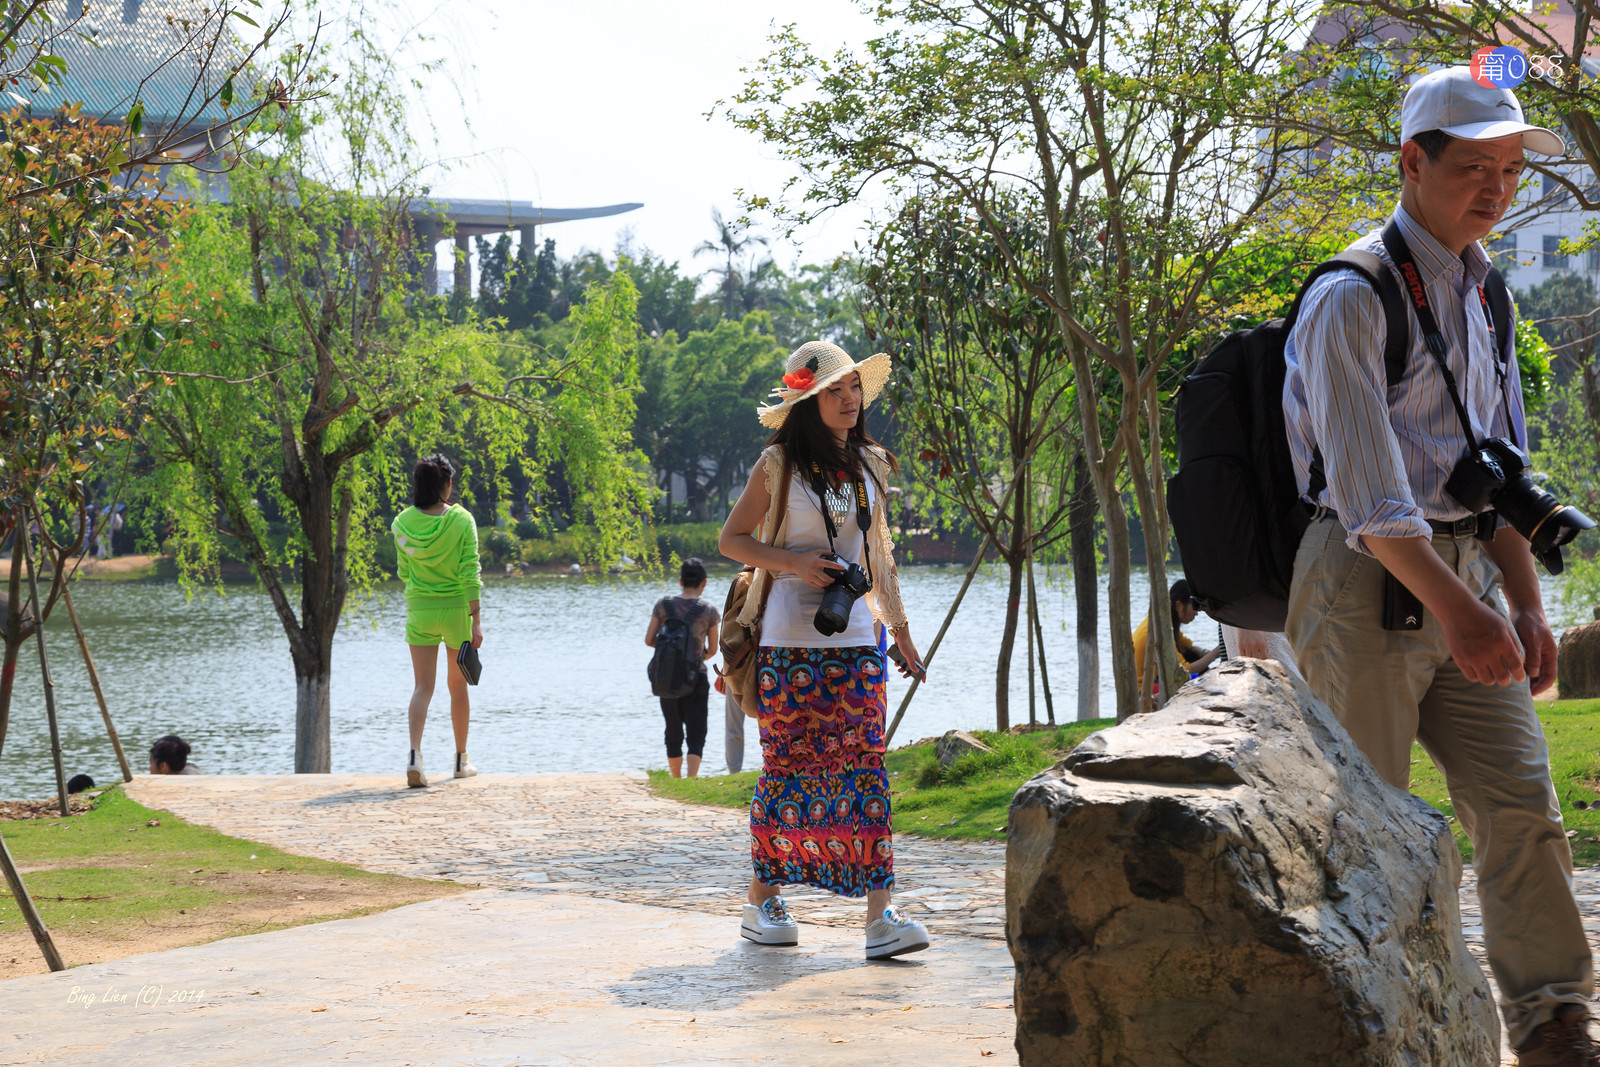 廈門大學 (2) 芙蓉湖之湖畔風光